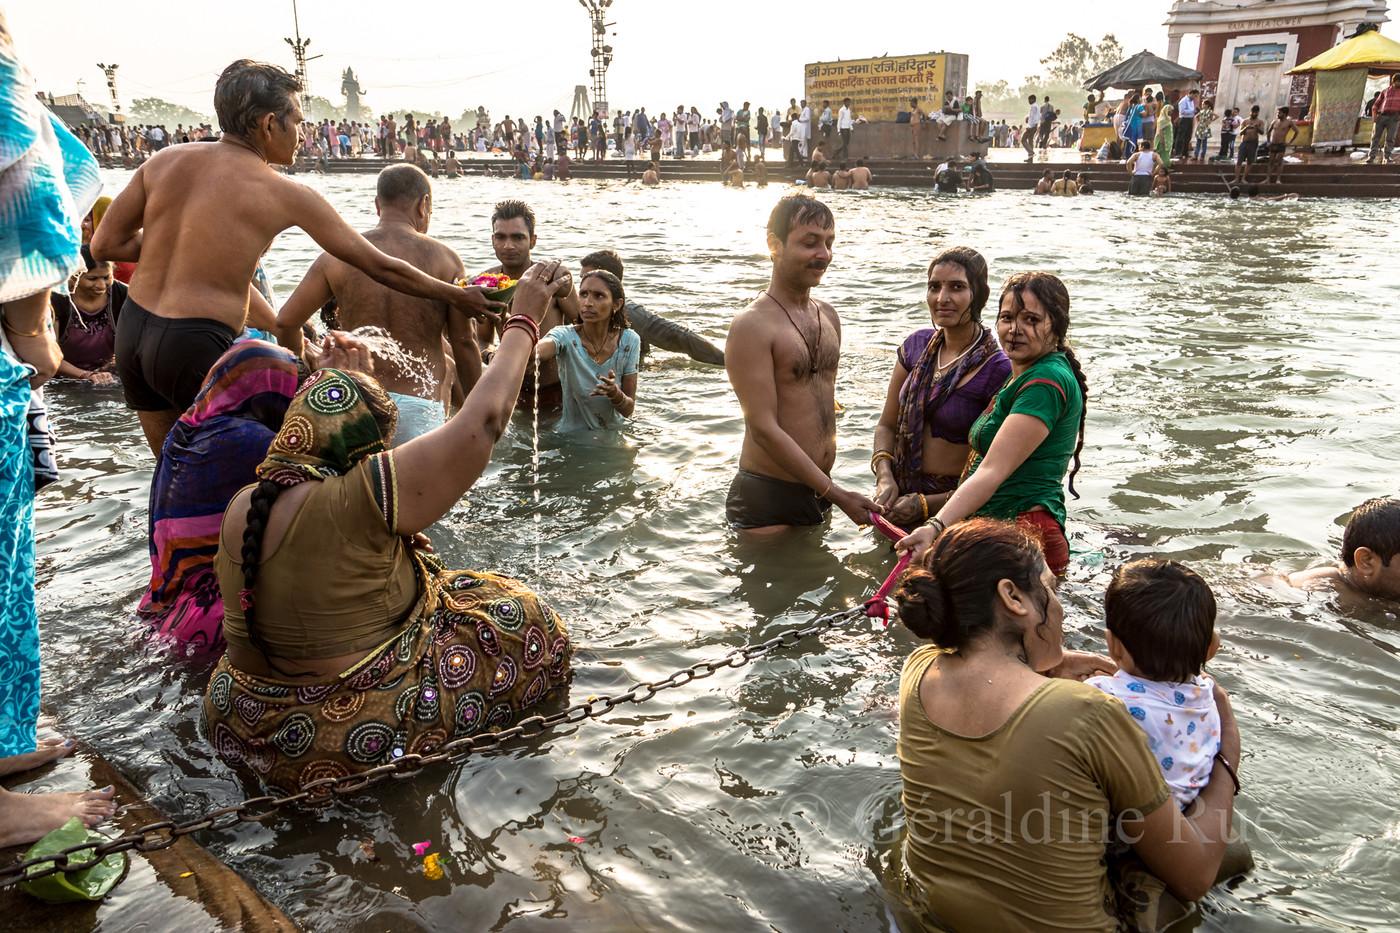 Inde Gange06491© Géraldine Rué.jpg